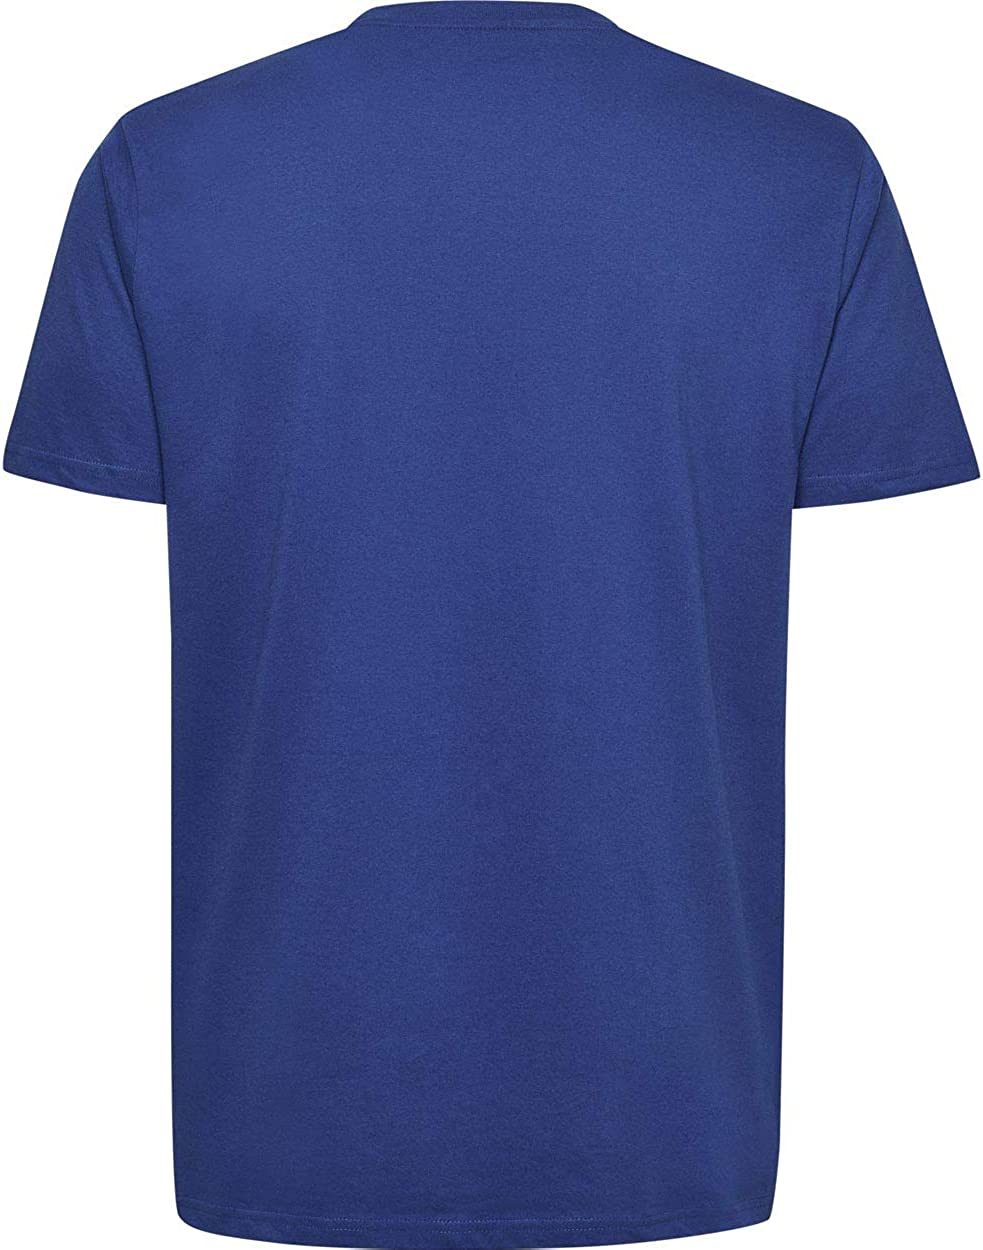 Camiseta Unisex ni/ños Hummel Hmlgo Logo